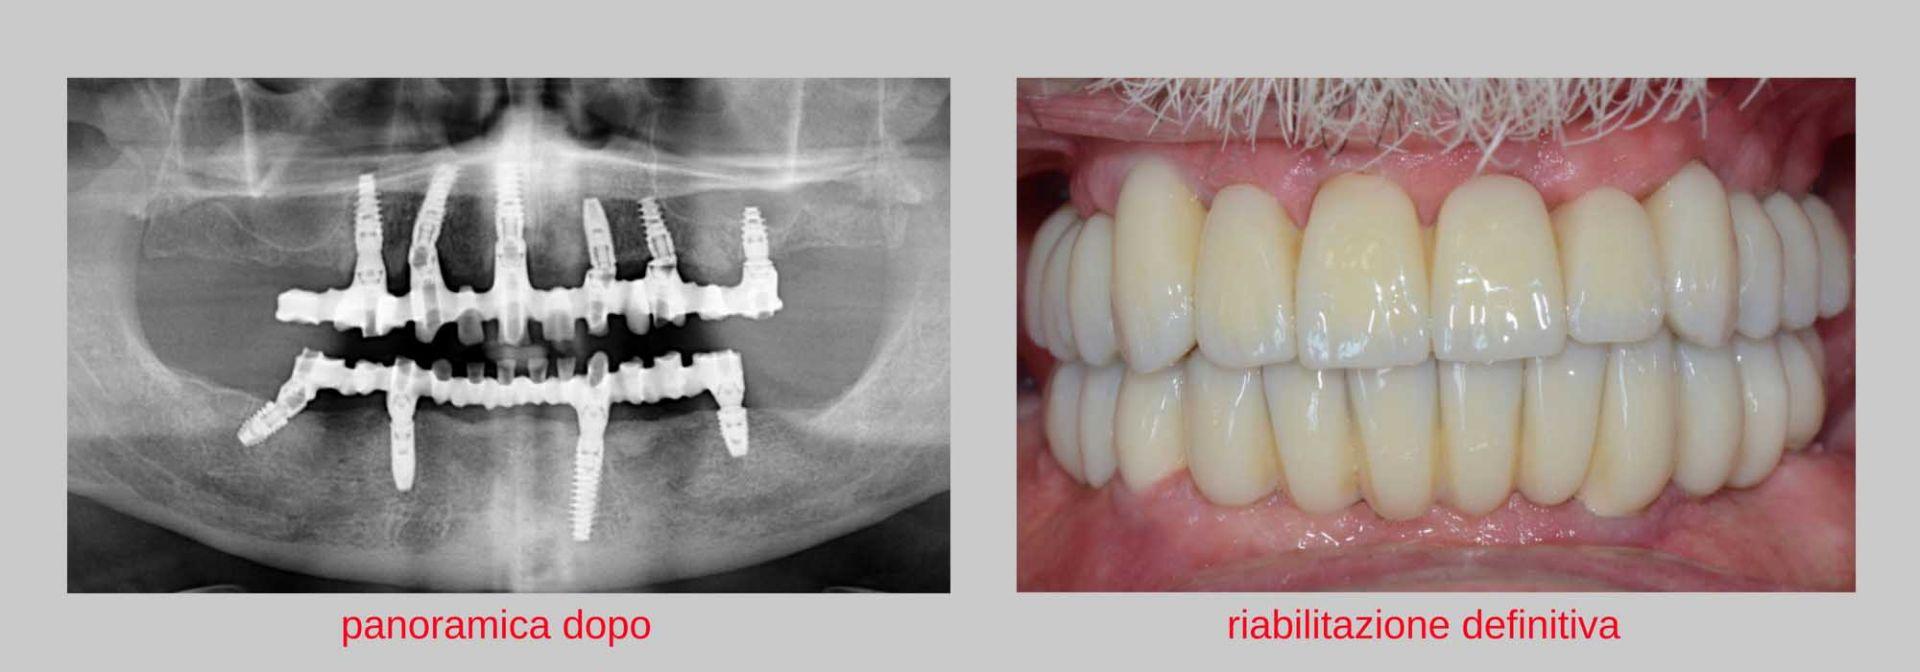 caso clinico implantologia estetica dopo